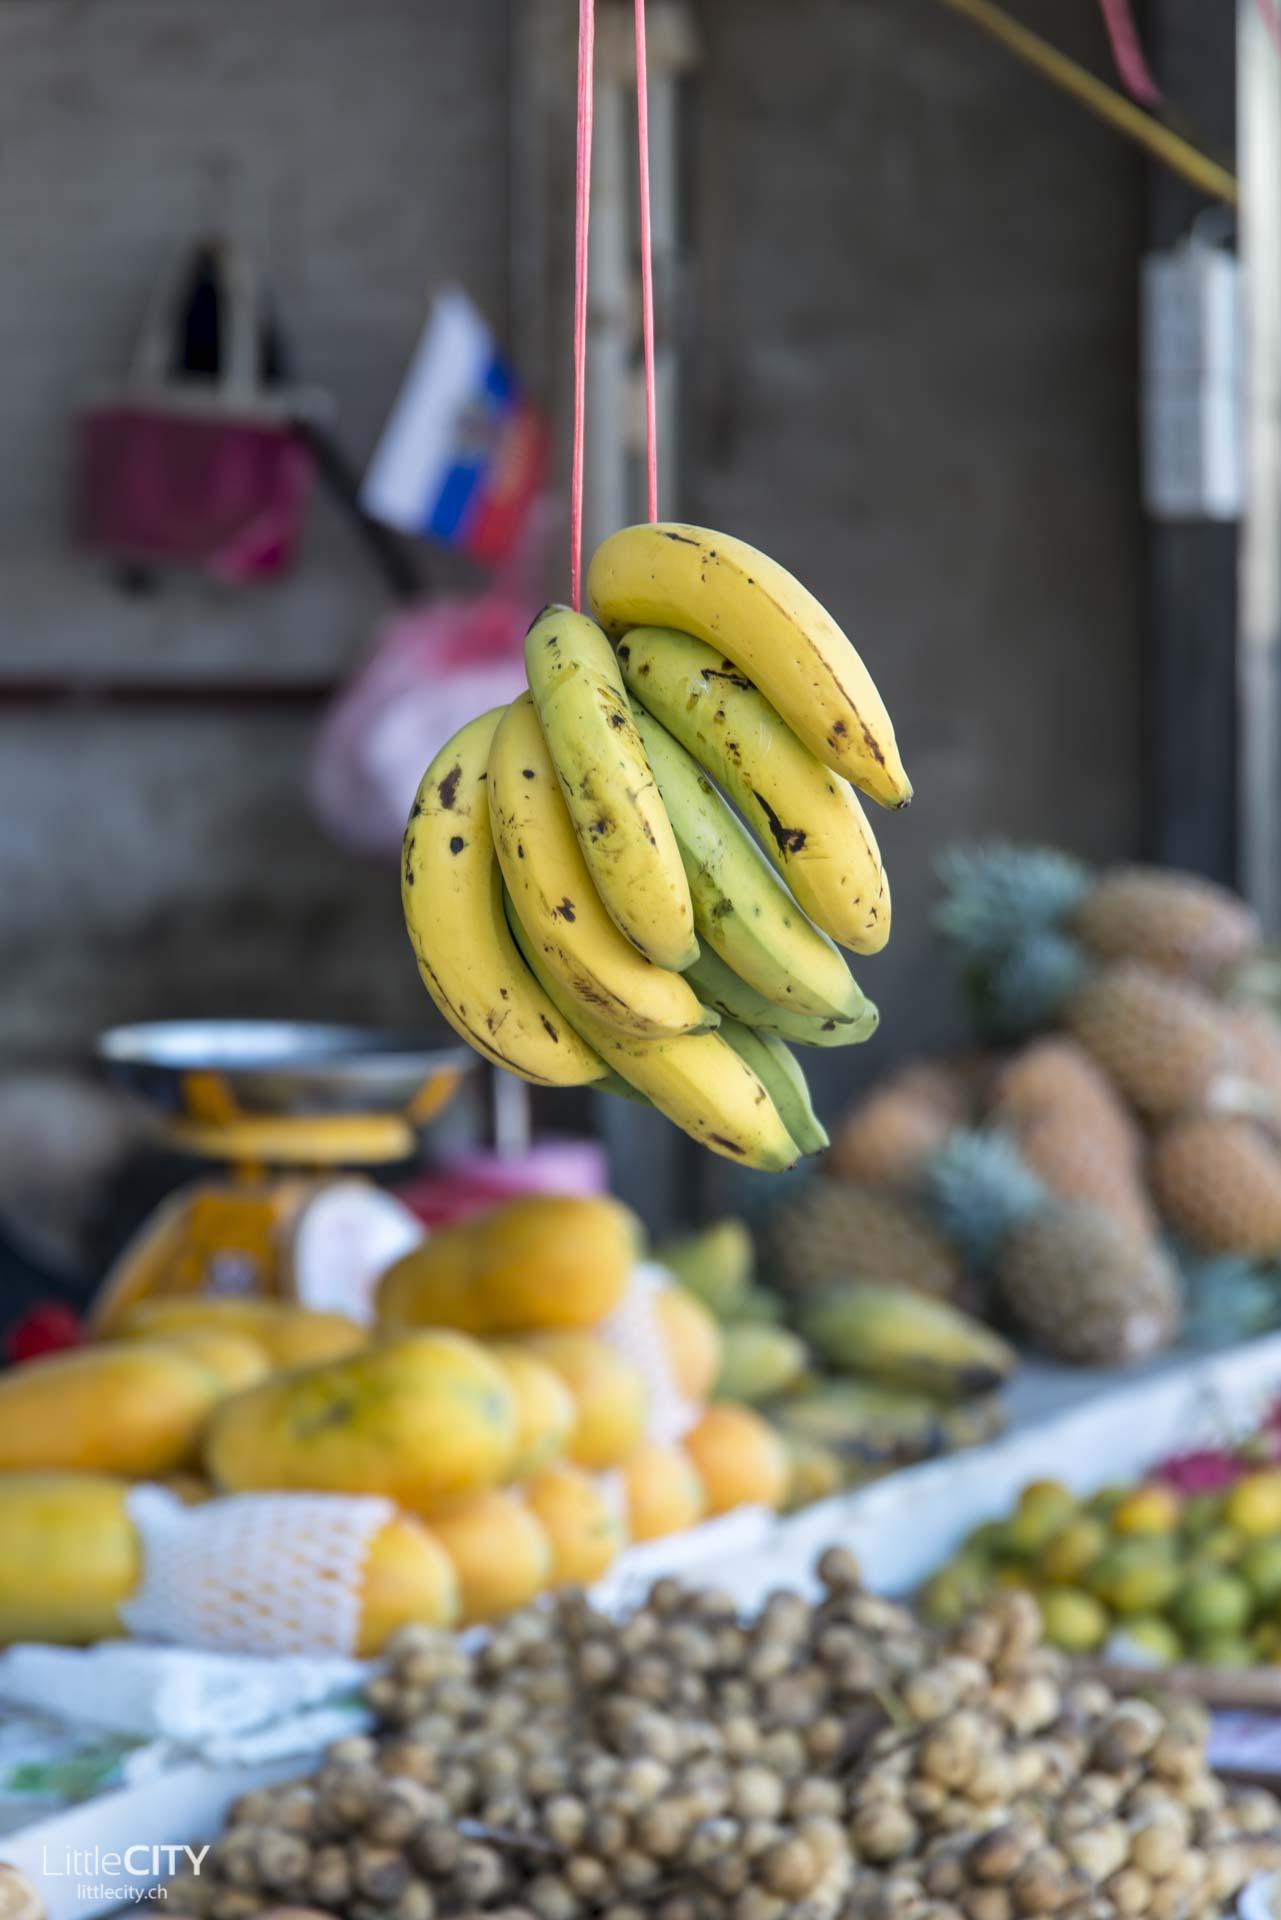 koh-chang-fruits-market